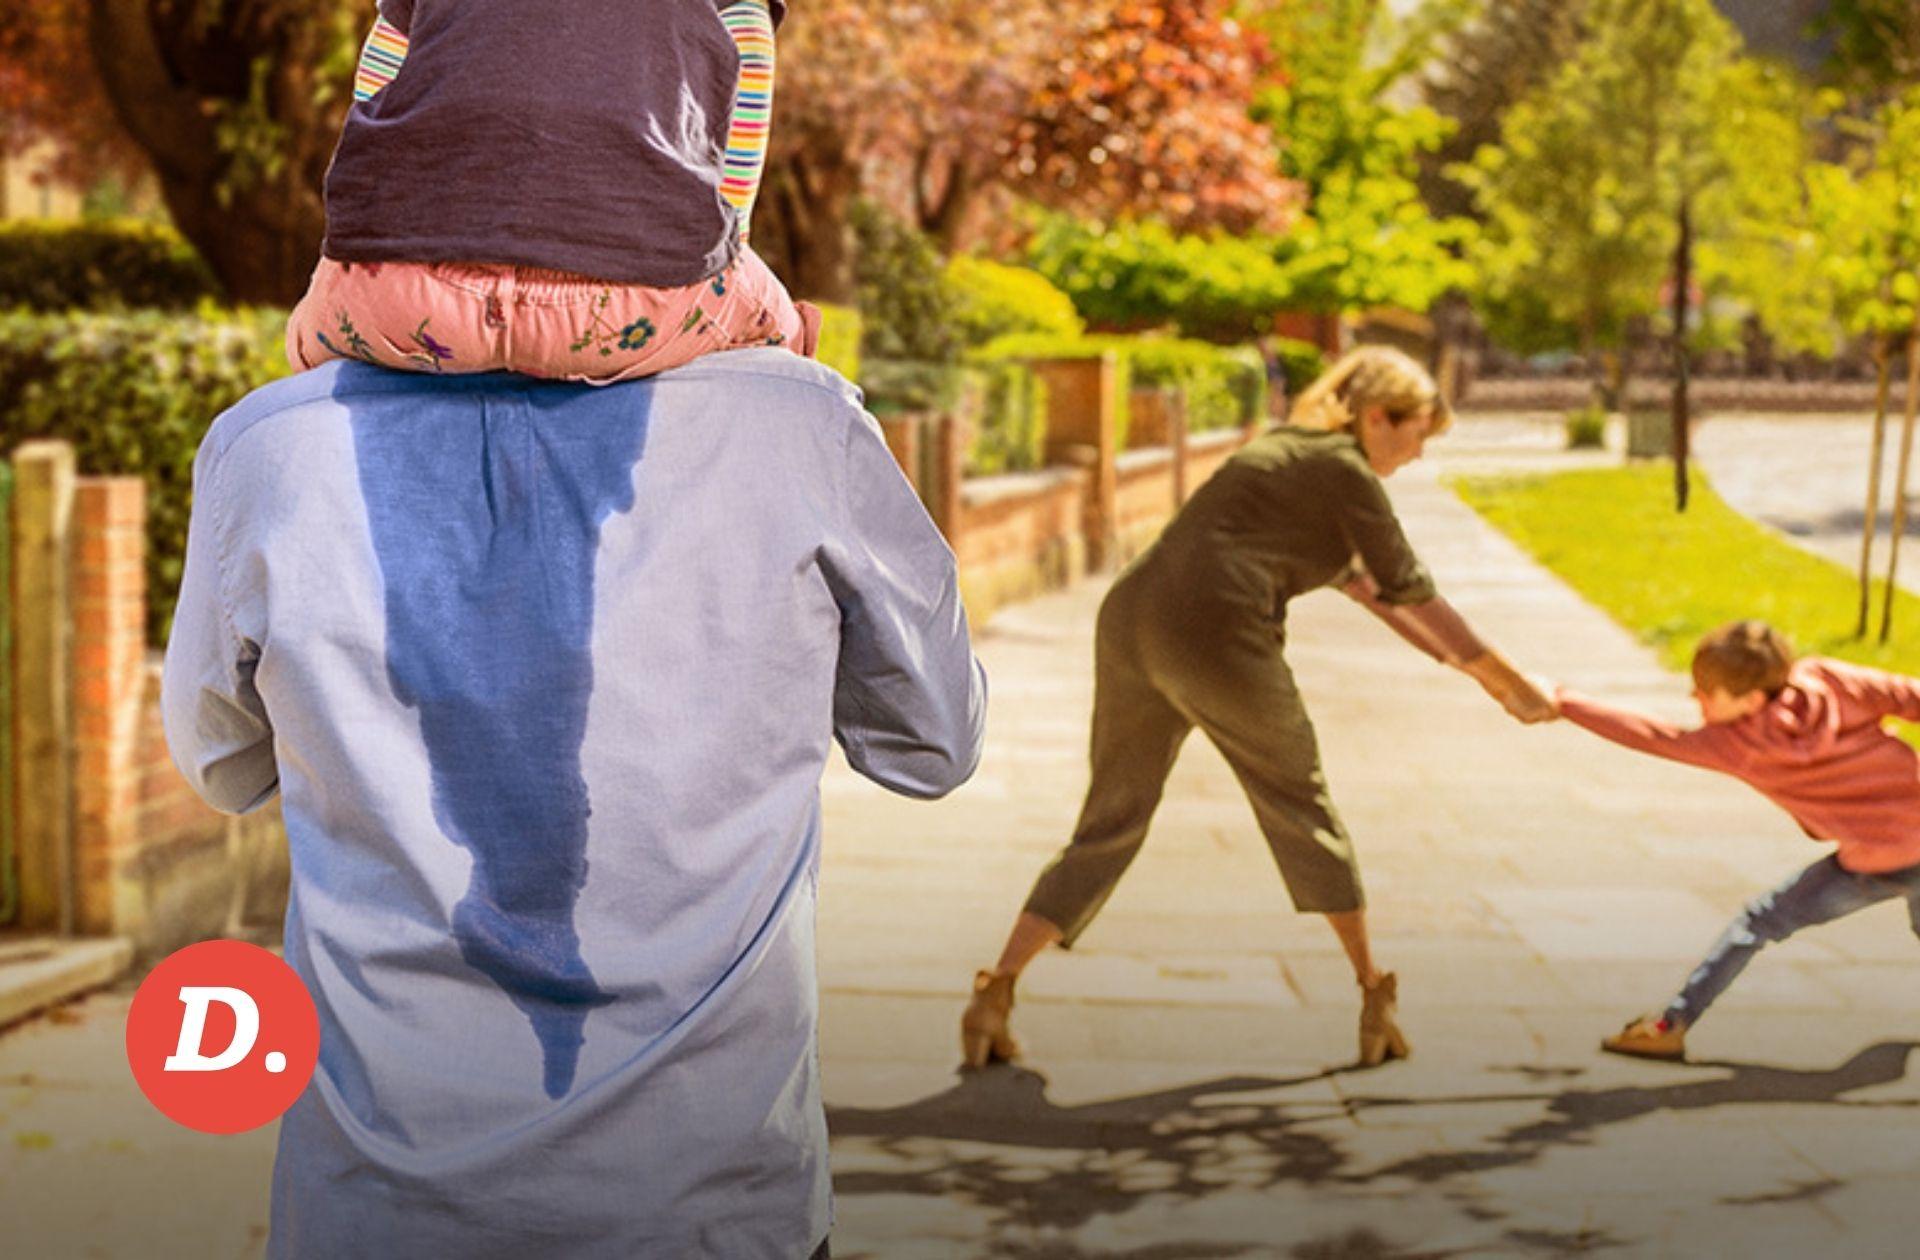 Les fails de la parentalité : vous n'êtes pas seule (et sûrement pas la pire)